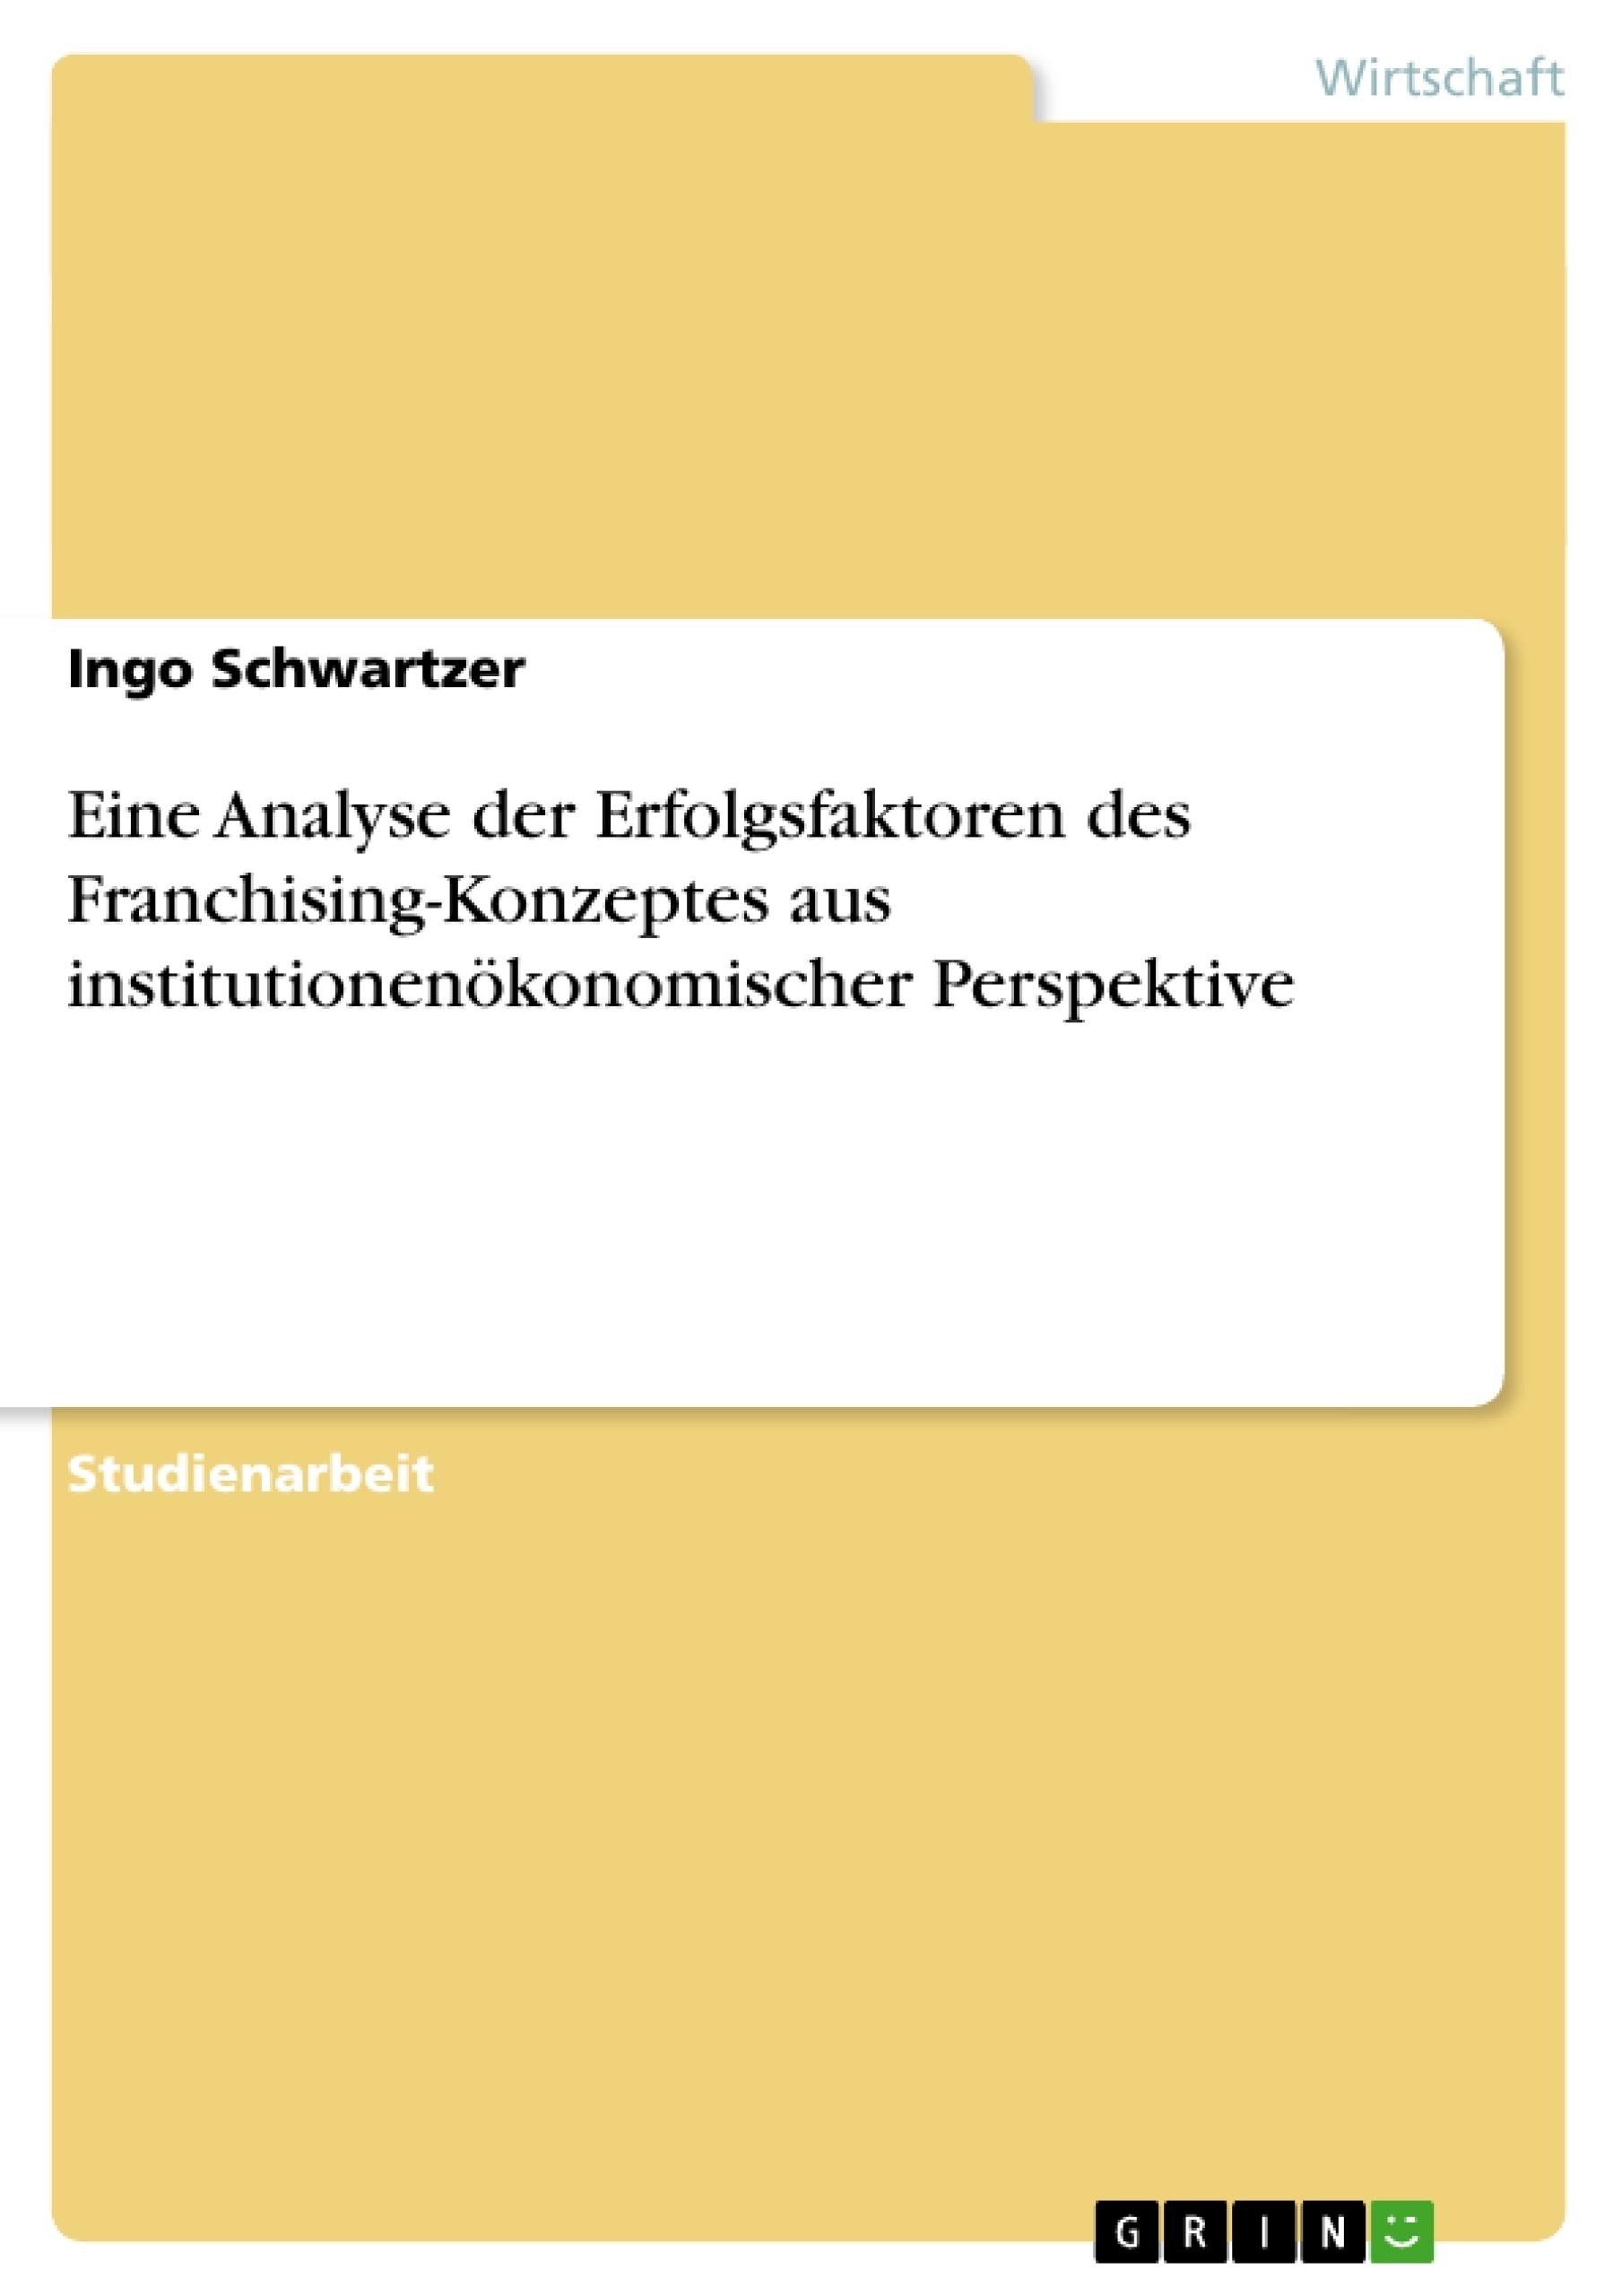 Titel: Eine Analyse der Erfolgsfaktoren des Franchising-Konzeptes aus institutionenökonomischer Perspektive